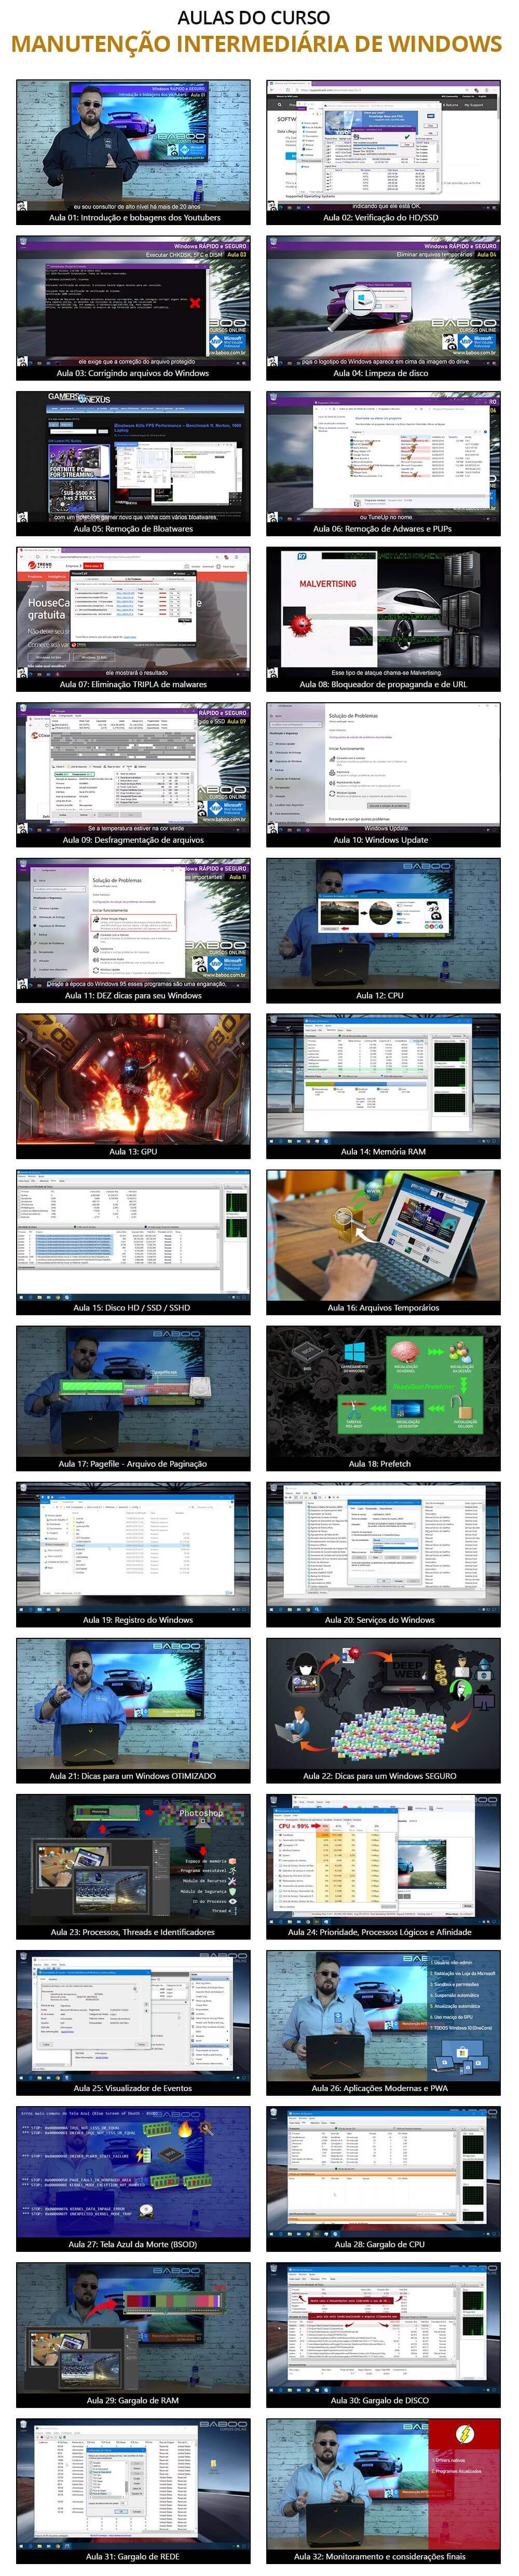 Aulas do curso de Manutenção INTERMEDIÁRIA de Windows